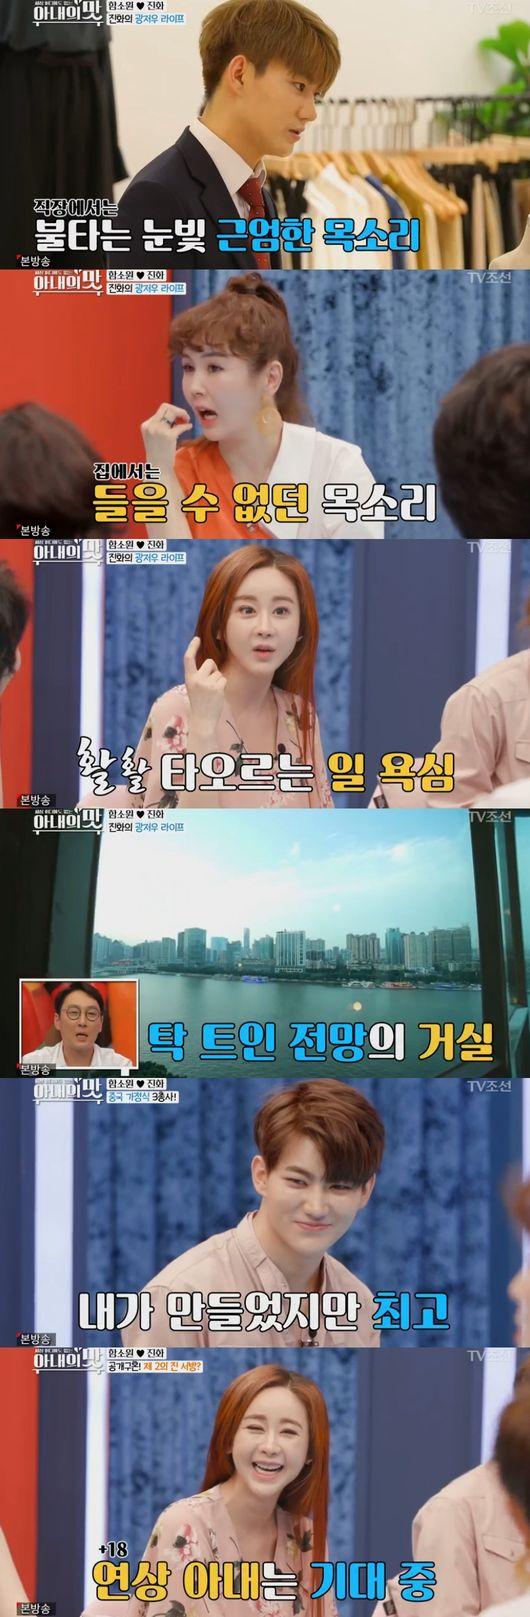 함소원♥진화, 中광저우 신혼집 최초공